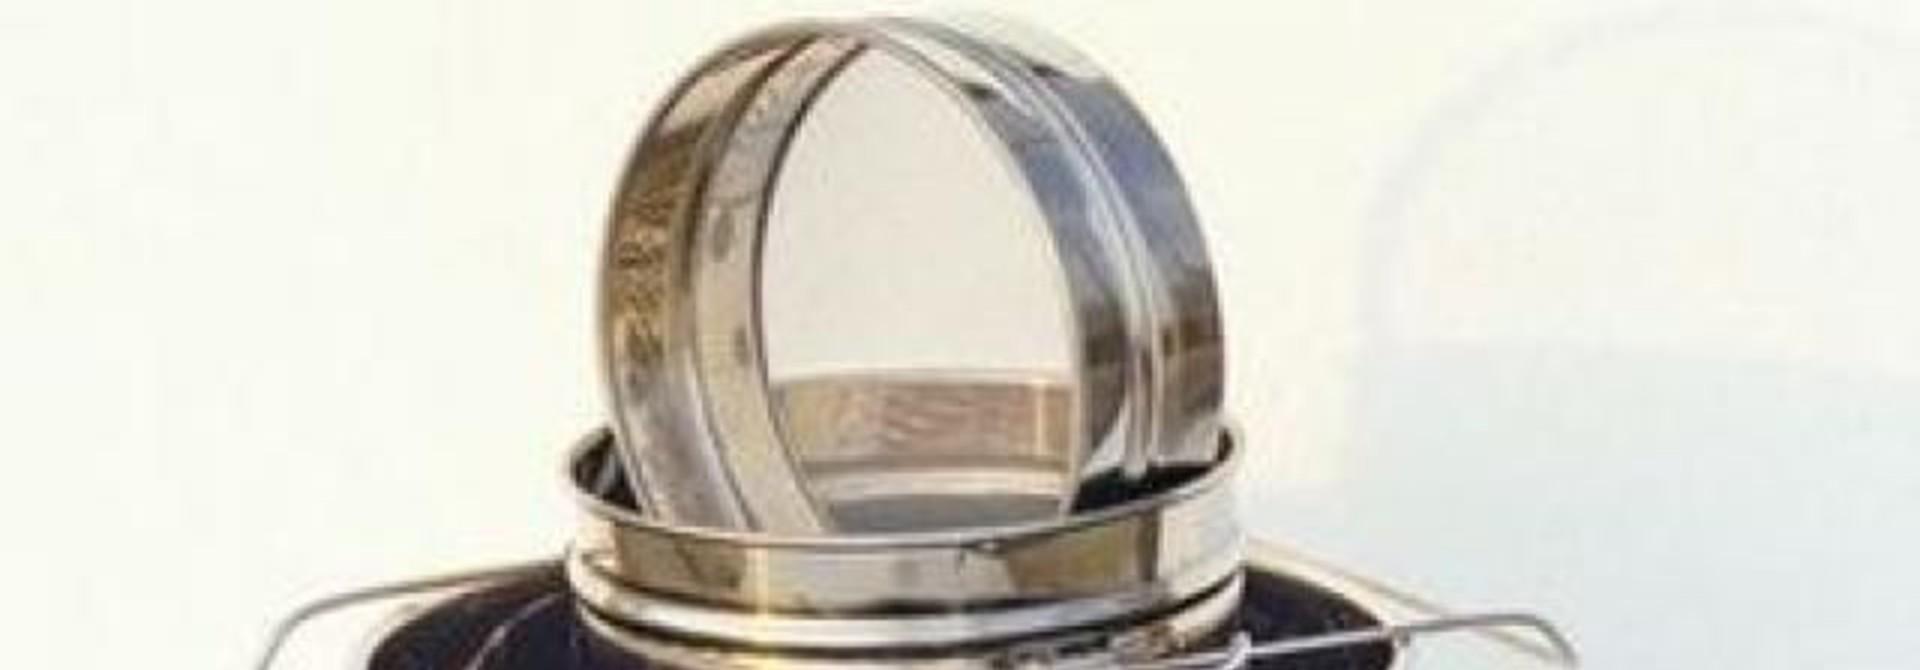 Zeef voor rijper Lega - 100 kg